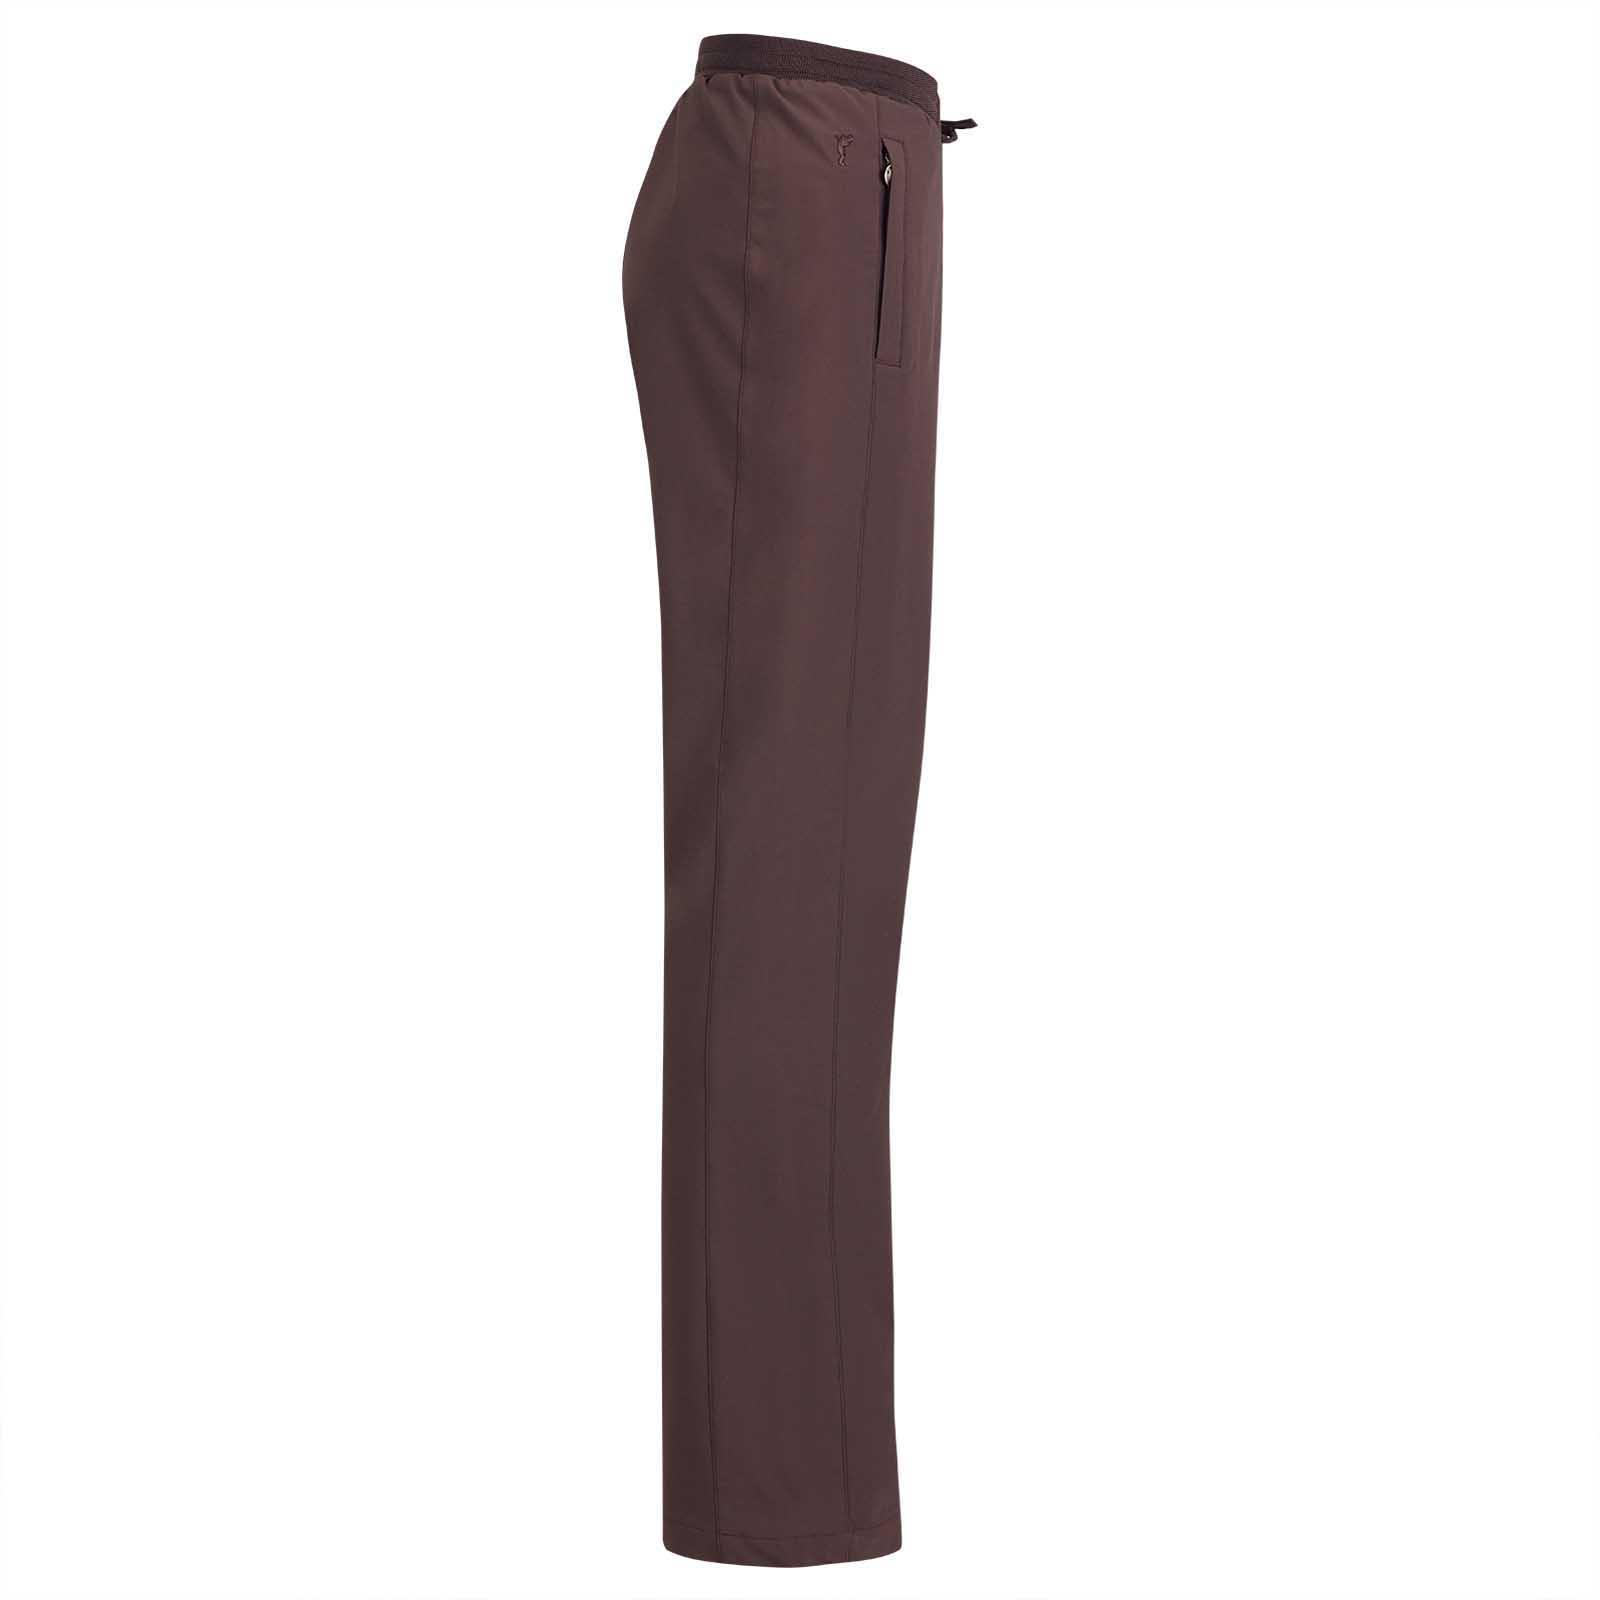 Damenhose mit elastischem Taillenbund